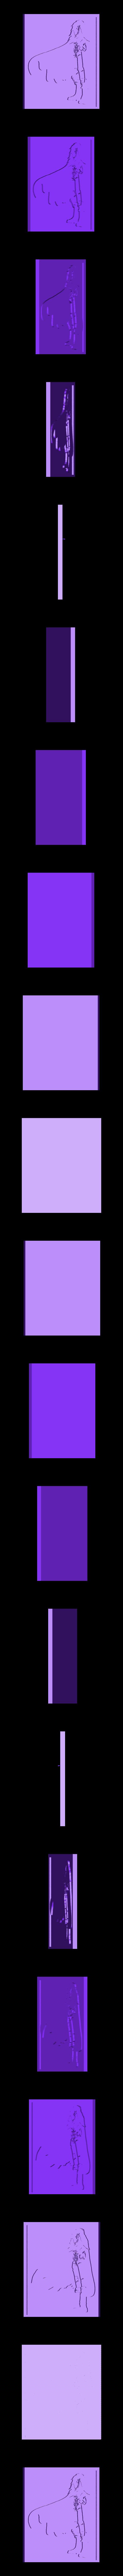 albator78.stl Télécharger fichier OBJ gratuit ALBATOR 78 / capitaine harlock aimant • Objet à imprimer en 3D, MisterDiD